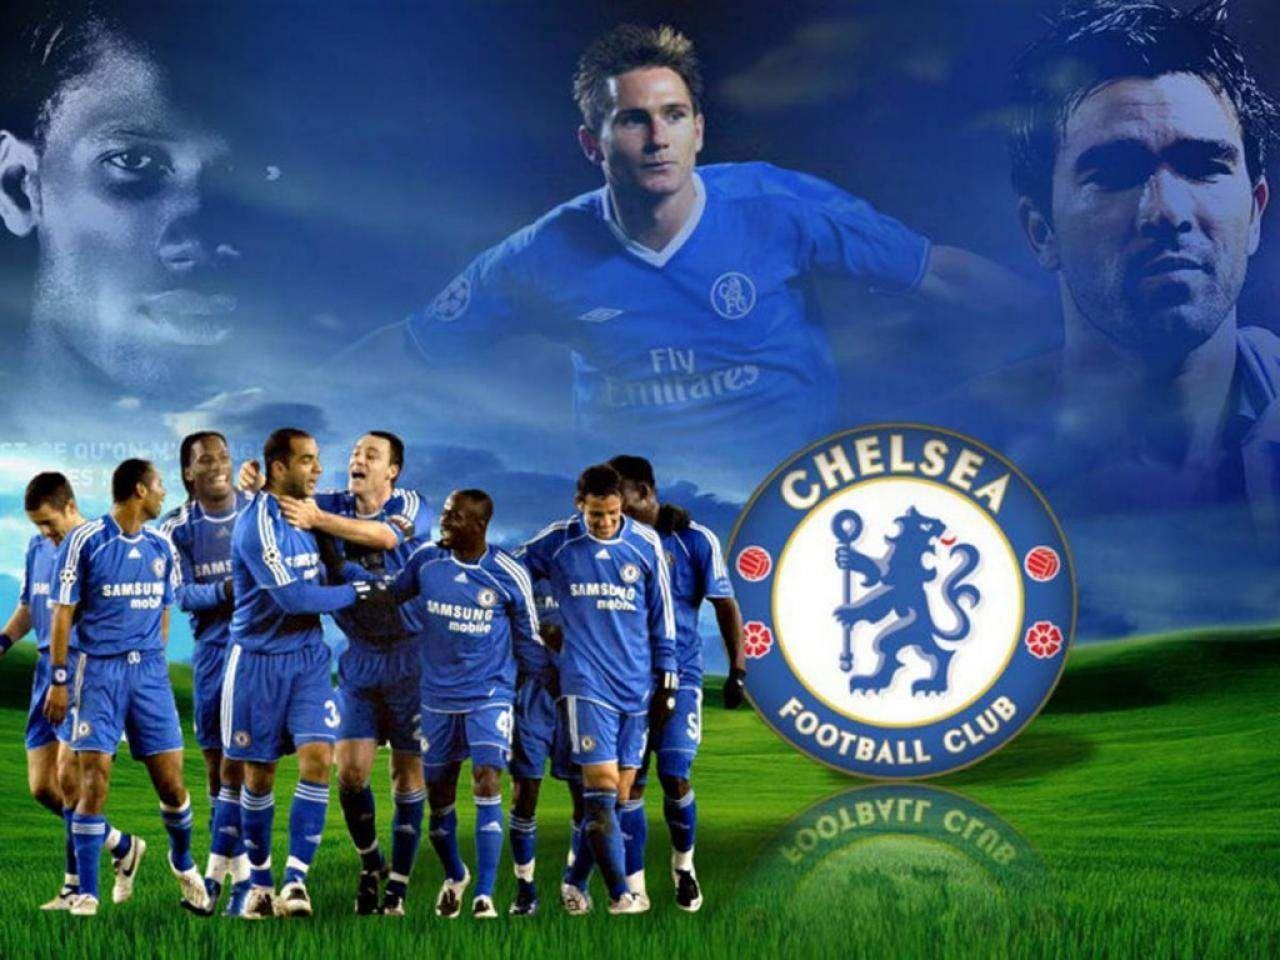 Chelsea FC Desktop Wallpaper 1280x768 54 Wallpapers